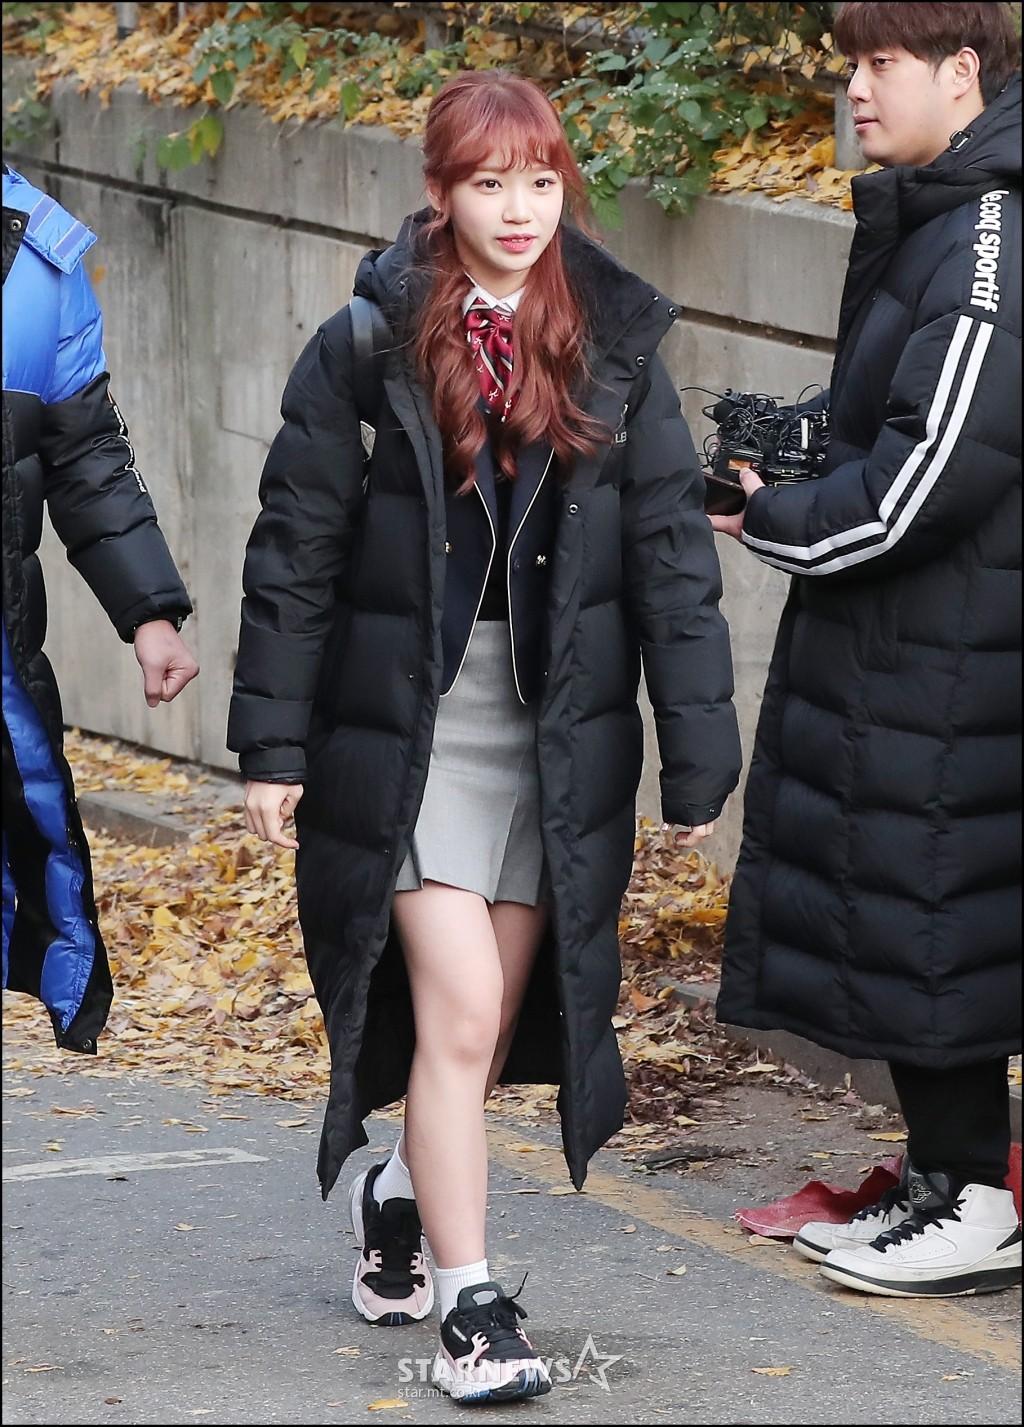 Dàn idol Hàn đình đám đi thi đại học: Mặc đồng phục đẹp như hoa, được báo chí phỏng vấn, chụp hình như dự sự kiện - Ảnh 5.